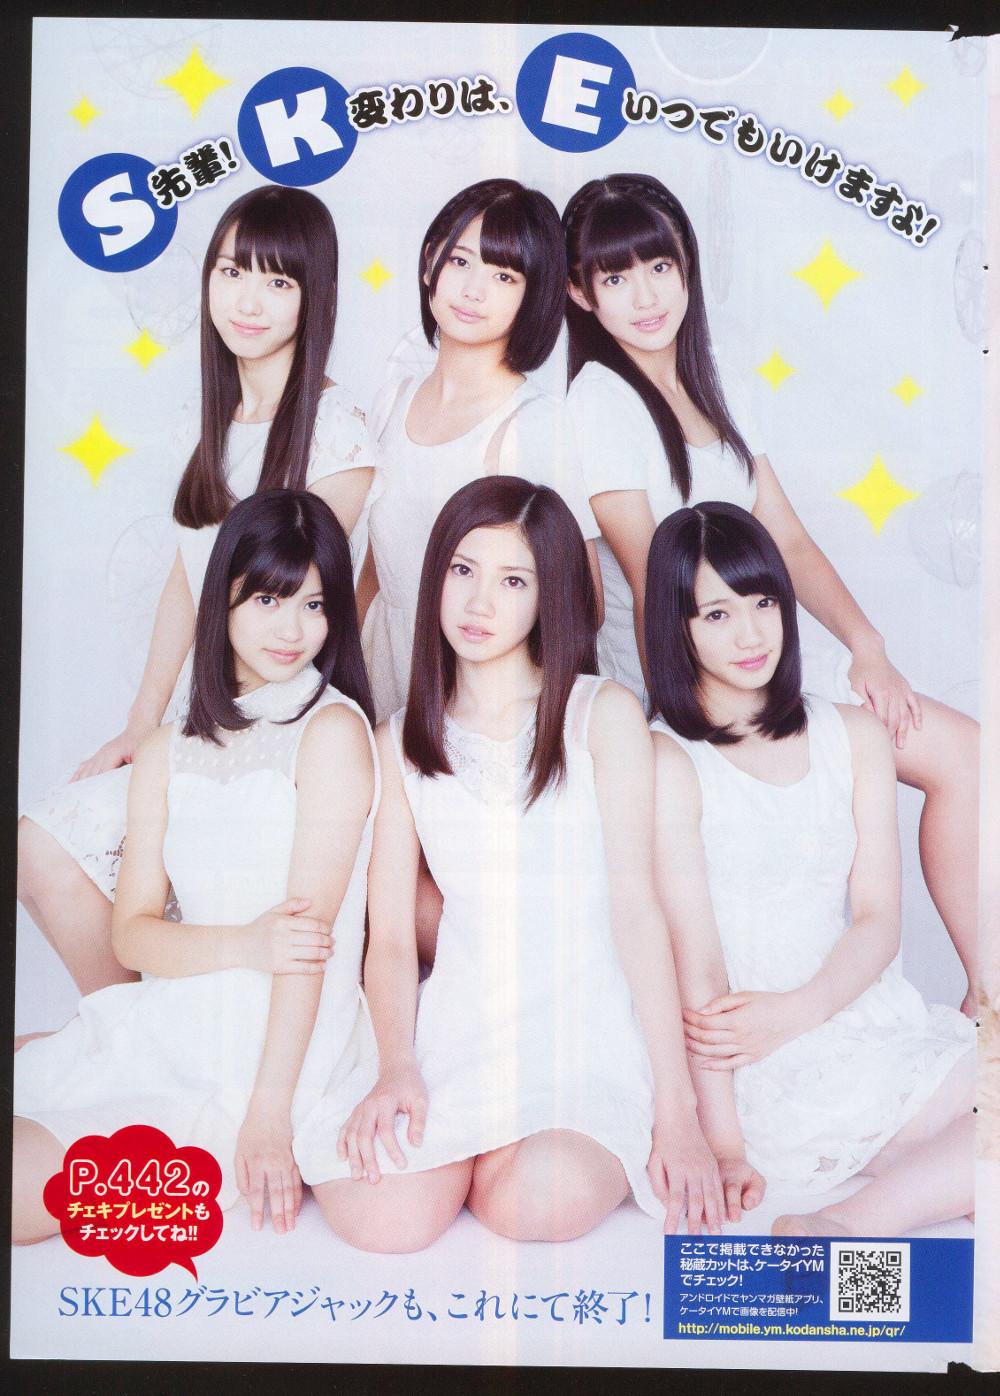 月刊ヤングマガジン2013年12月 SKE48 (5)